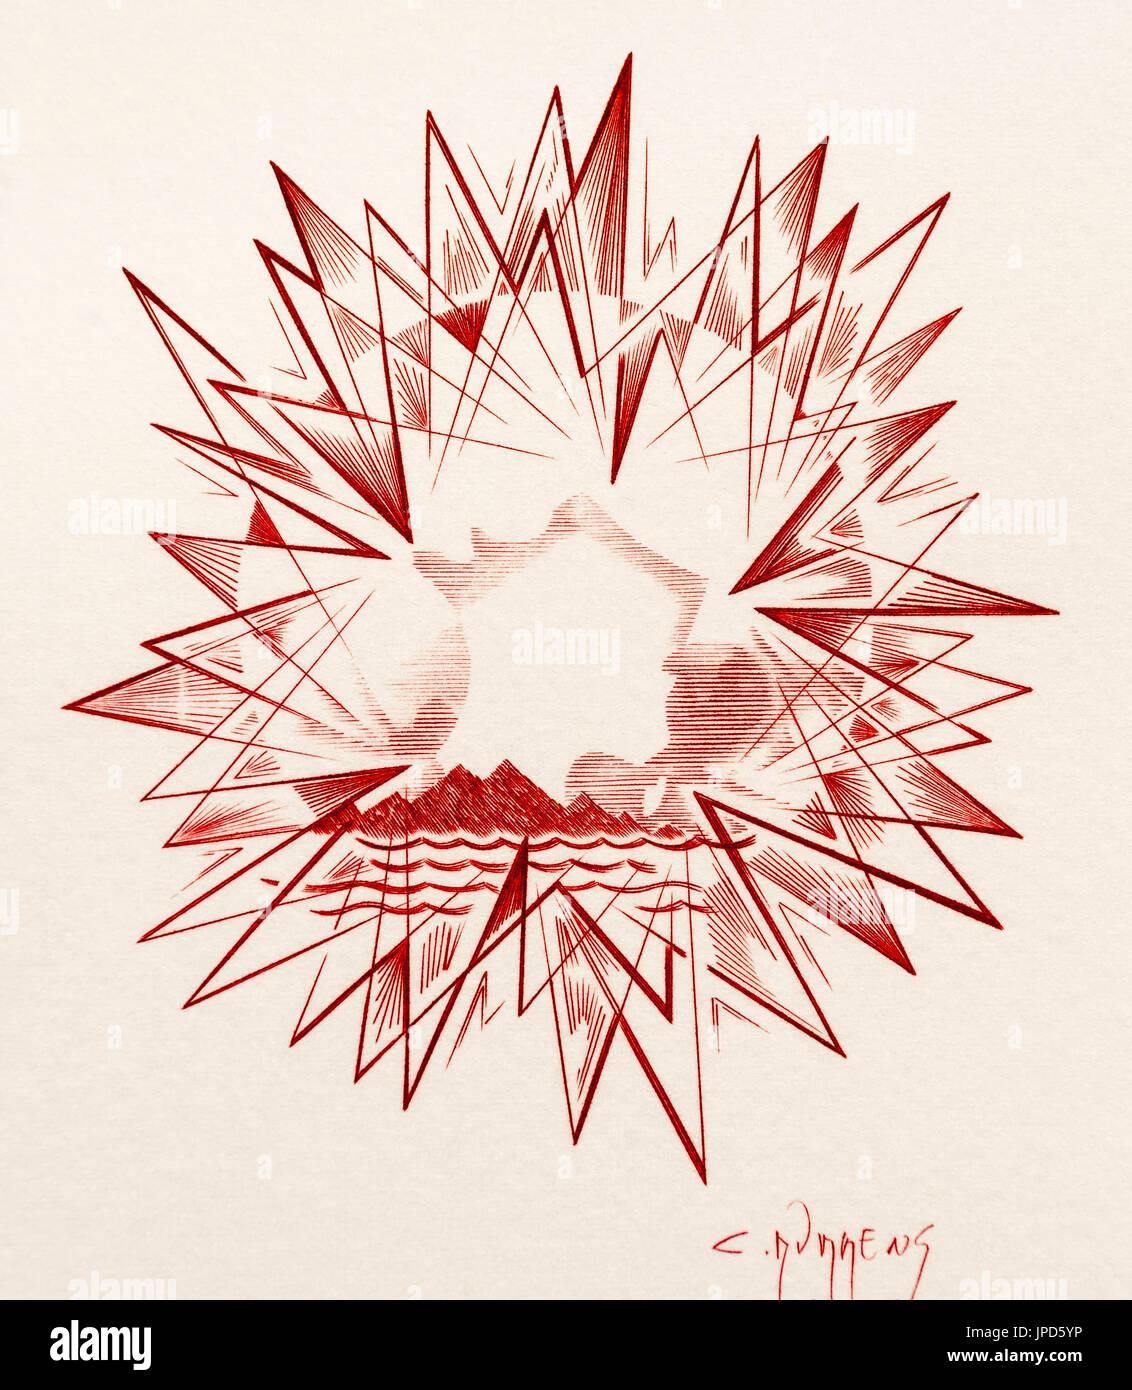 D'art proposée pour timbre français célébrer 'Francais libres' (gratuit en français). Photo Stock